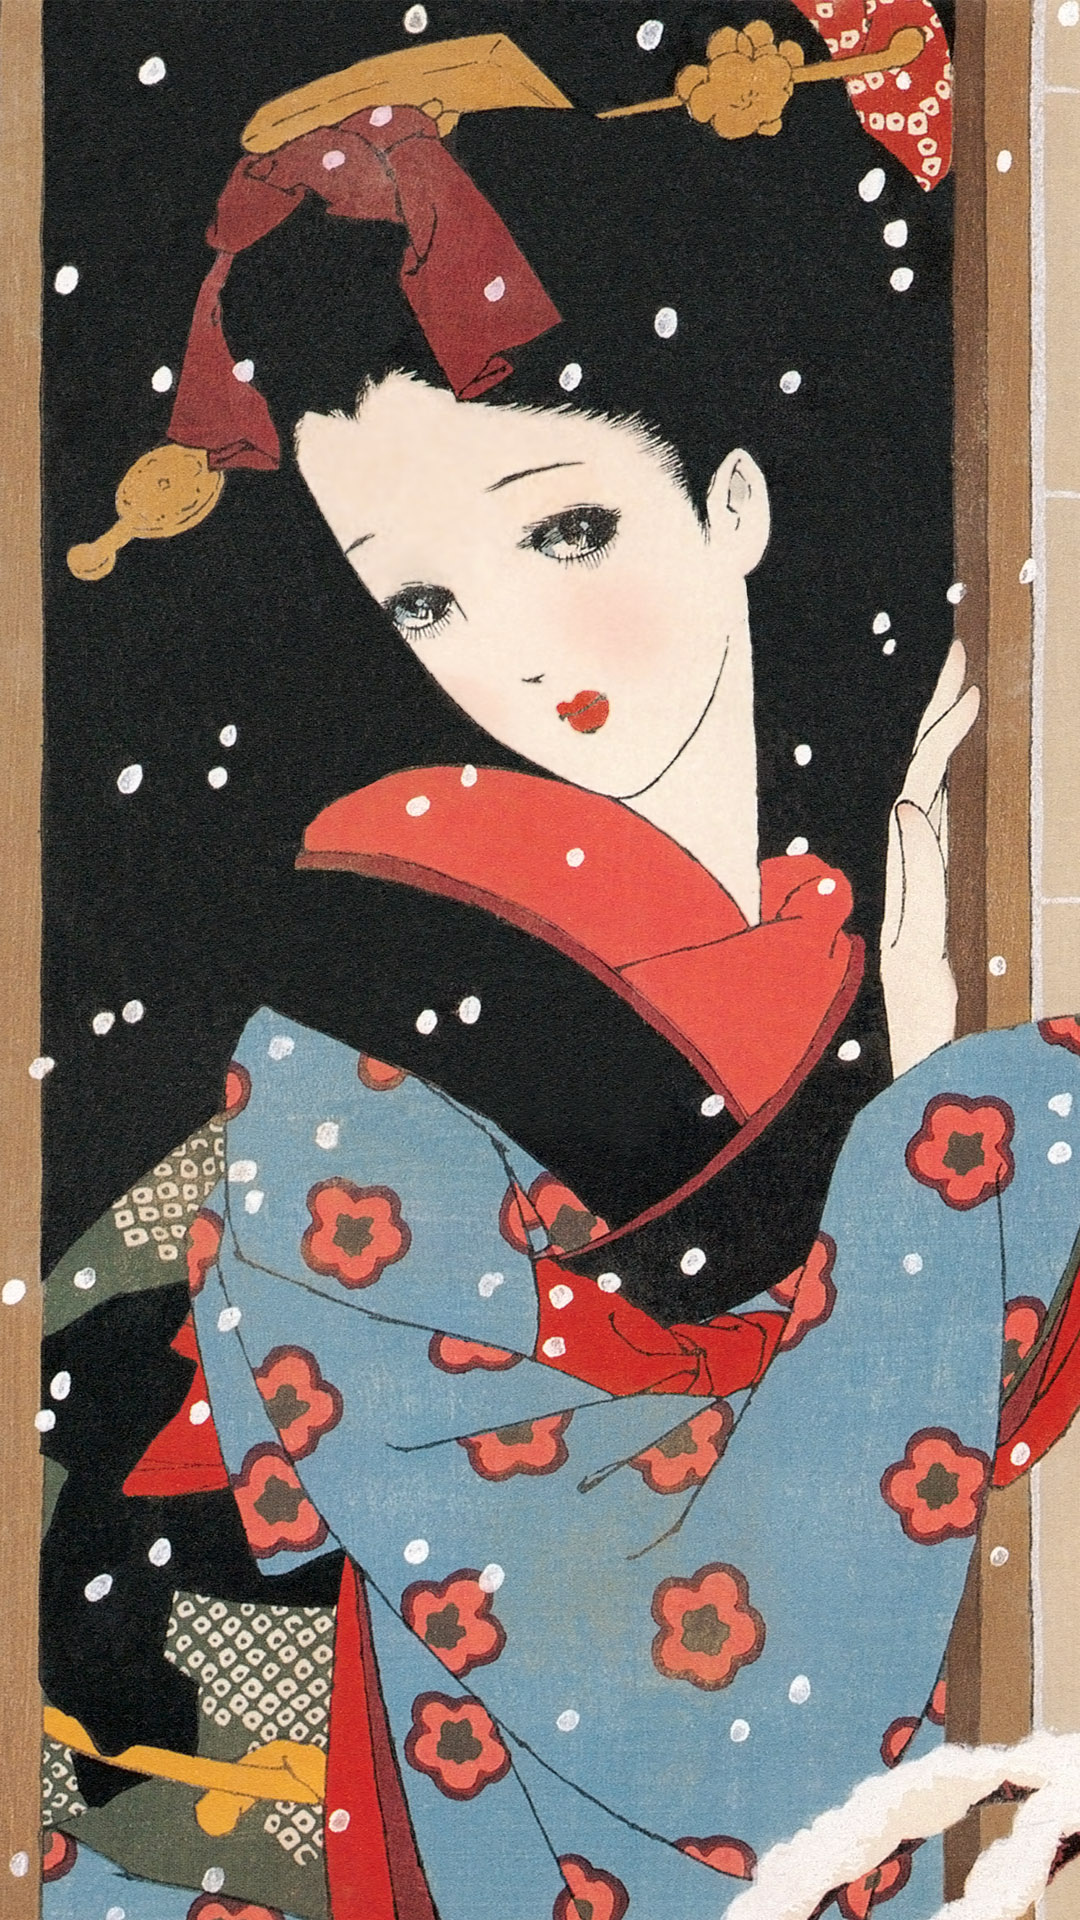 中原淳一 雪 Nakahara Junichi - Musume 12 emaki 12 Yuki 1080x1920